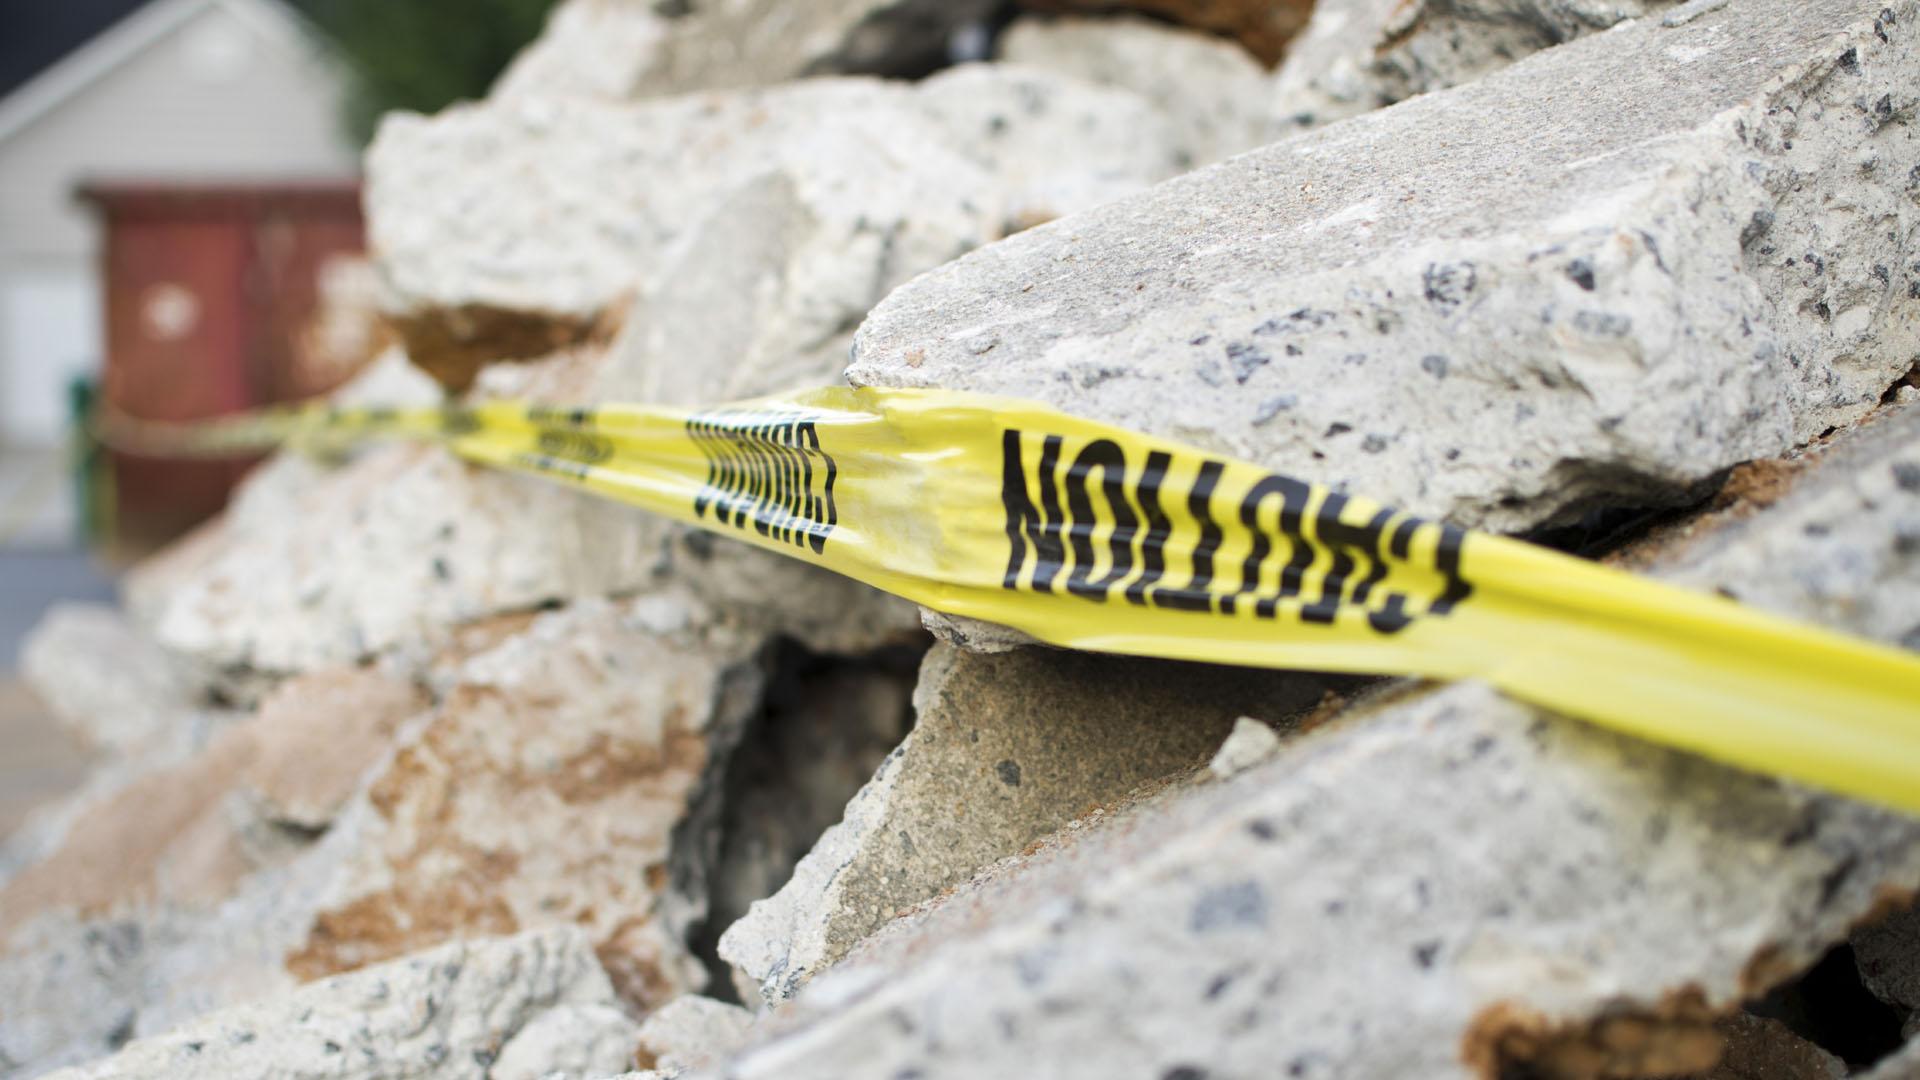 Fuentes oficiales confirmaron que el hecho no dejó fallecidos y hasta el momento no se reportan réplicas